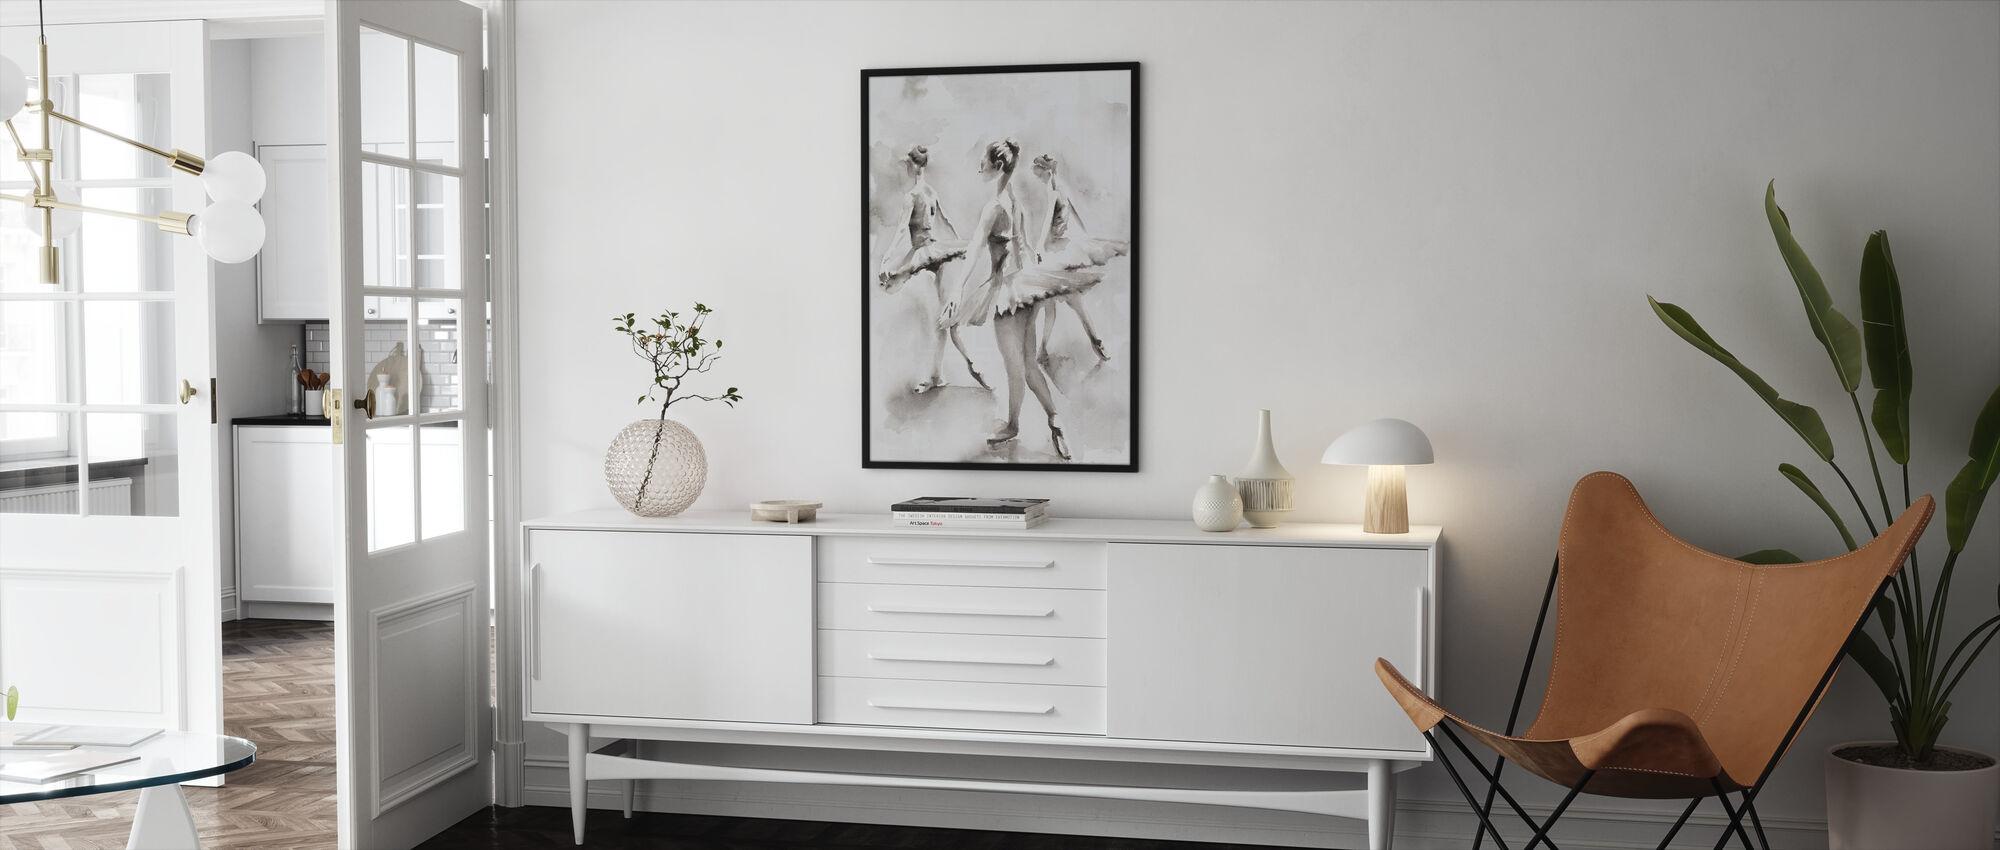 Three Ballerinas - Framed print - Living Room